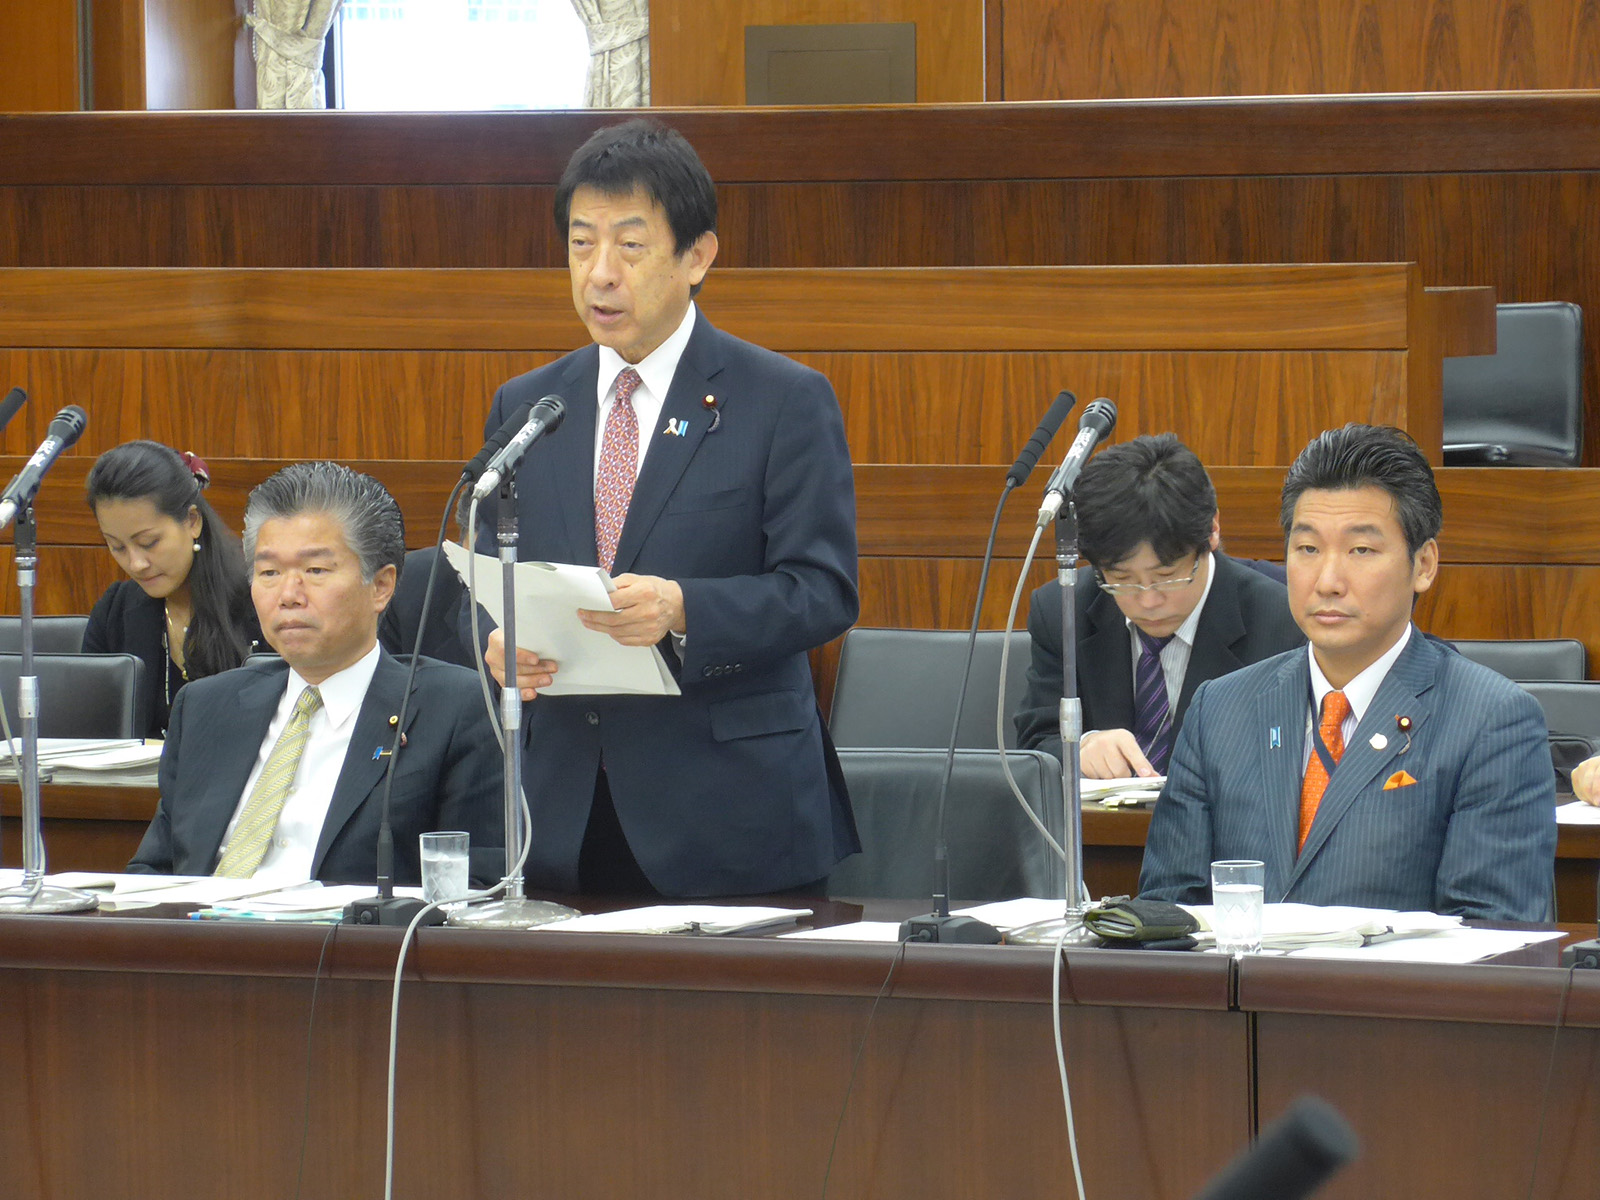 会期末・年金改革法案が可決成立